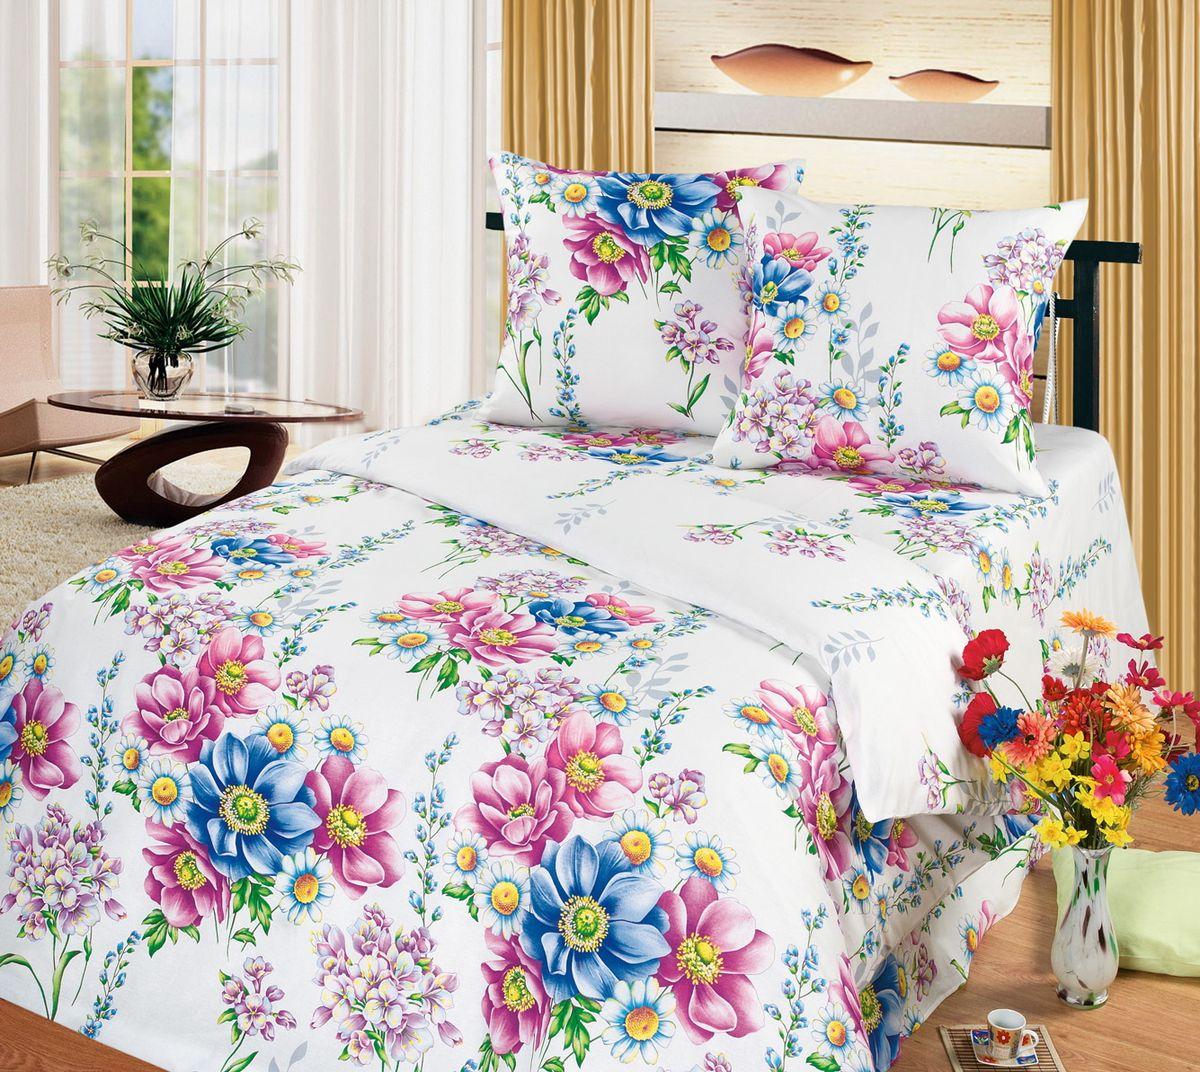 Комплект белья Cleo Акварель, 2-спальный, наволочки 70x70S03301004Коллекция постельного белья из бязи CLEO – это классика сна. Вся коллекция выполнена из 100% хлопка, т.е. во время сна будет комфортно в любое время года! Благодаря пигментному способу нанесение печати, даже после многократных стирок (деликатный режим), постельное белье сохраняет свой первоначальный вид.Постельное белье из бязи имеет ряд уникальных свойств: экологичность, гипоаллергенность, благодаря особому способу переплетения нитей в полотне, обеспечивается особая плотность ткани, что делает ее устойчивой к износу, сохраняется внешний вид на долгие годы, загрязнения прекрасно отстирываются любыми средствами, не садится, легко гладится, не накапливает статического электричества, благодаря составу из 100% хлопка, обладает исключительной терморегуляцией. Комплект состоит из пододеяльника, двух наволочек и простыни.